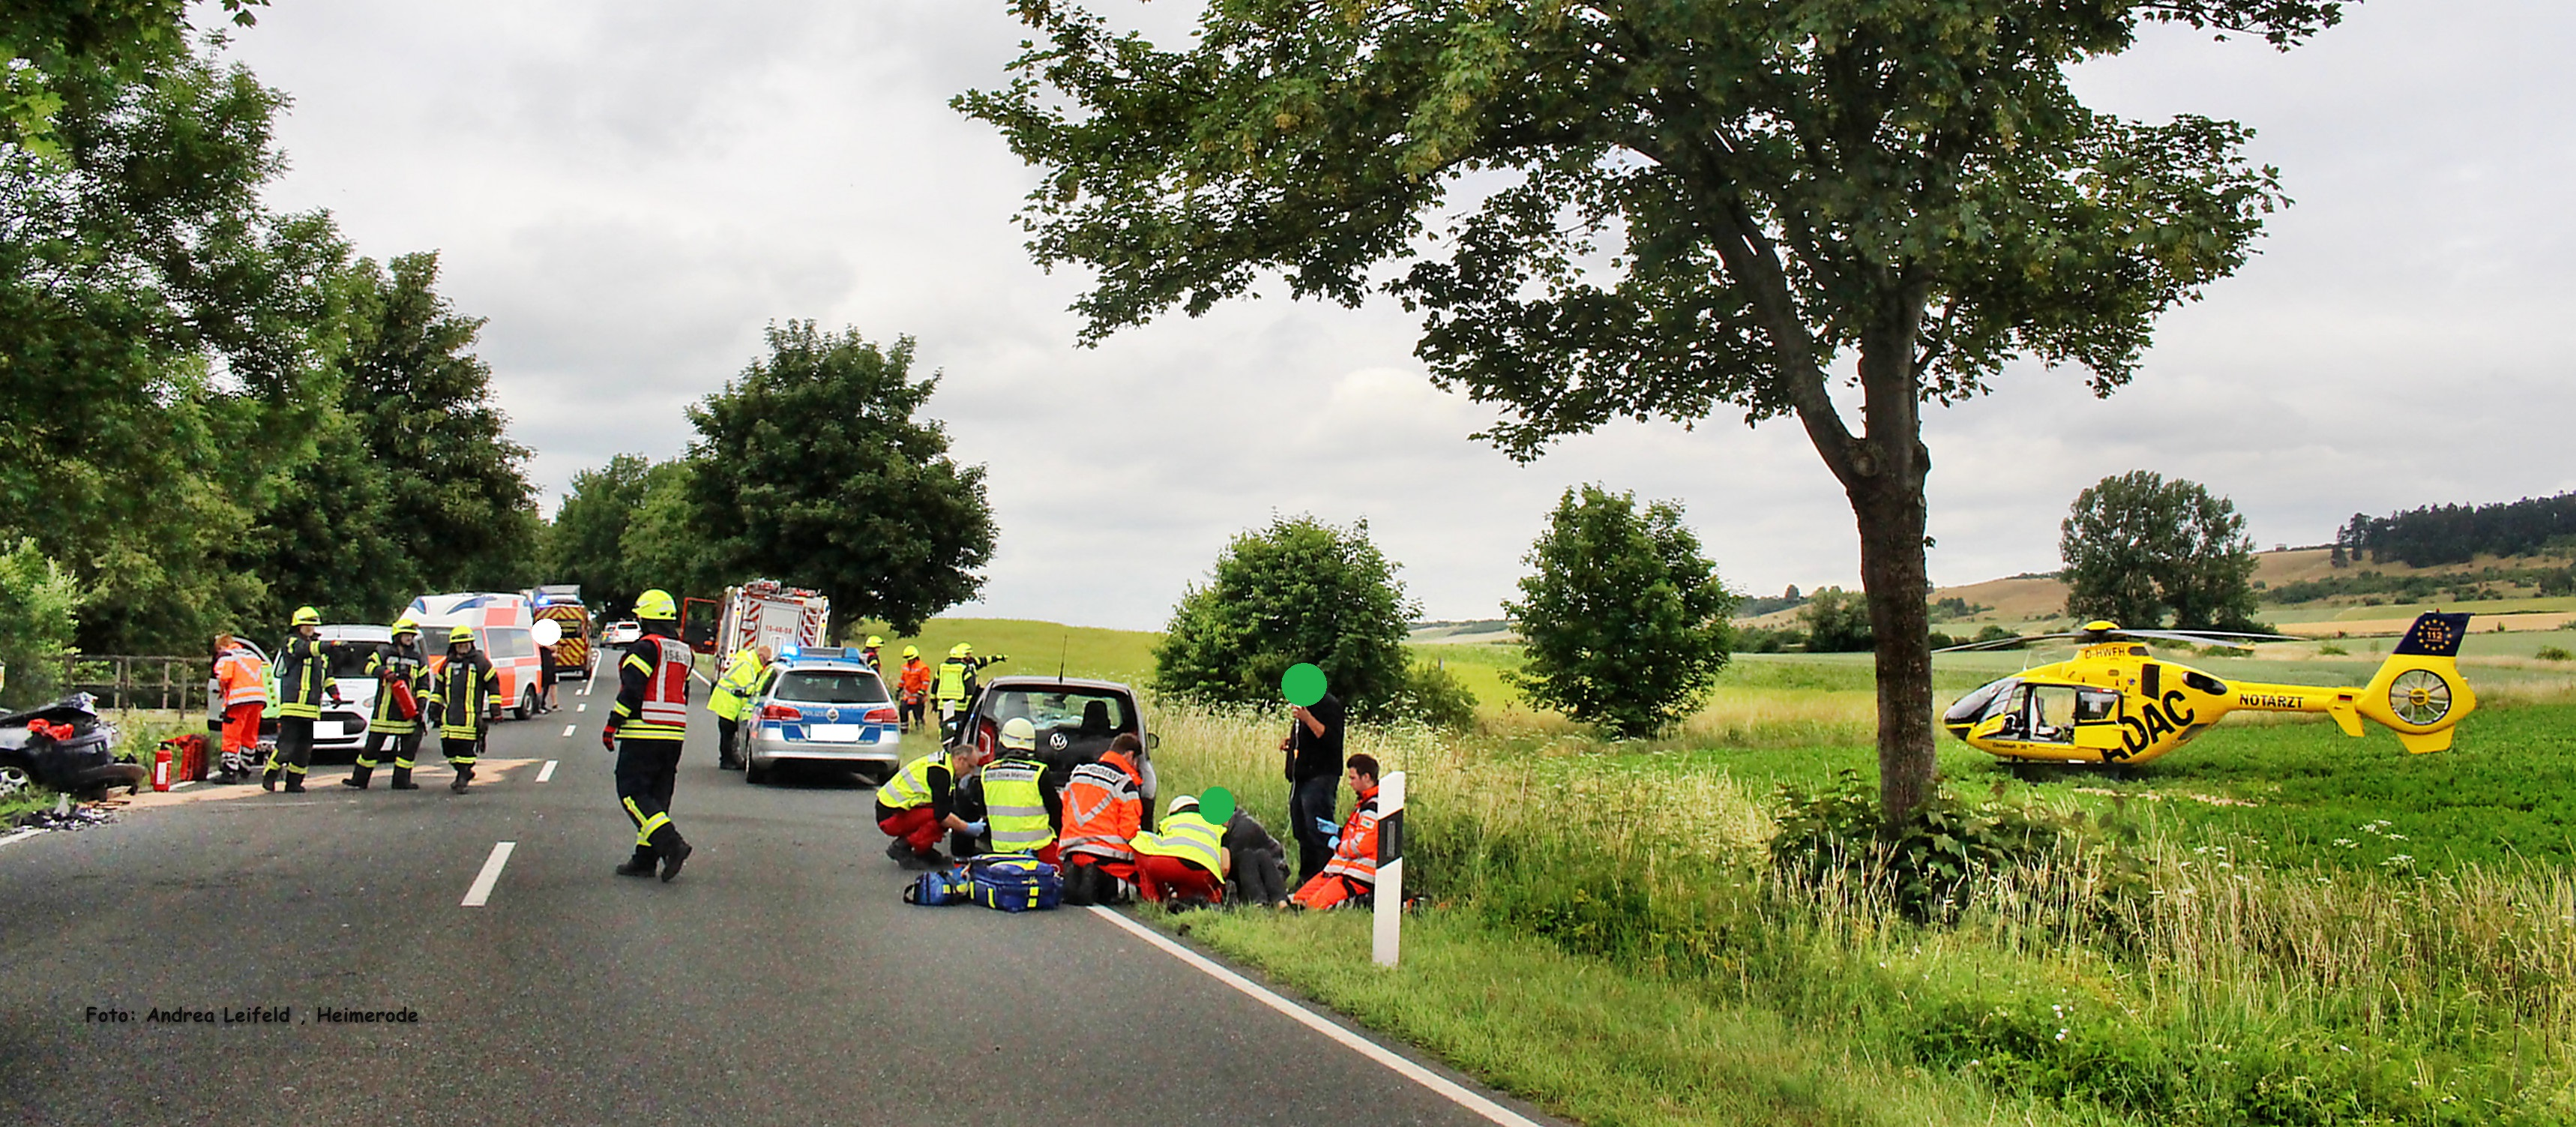 Schwerer Verkehrsunfall mit 2 eingeklemmten Personen auf der Bundesstraße 6 in Fahrtrichtung  Salzgitter